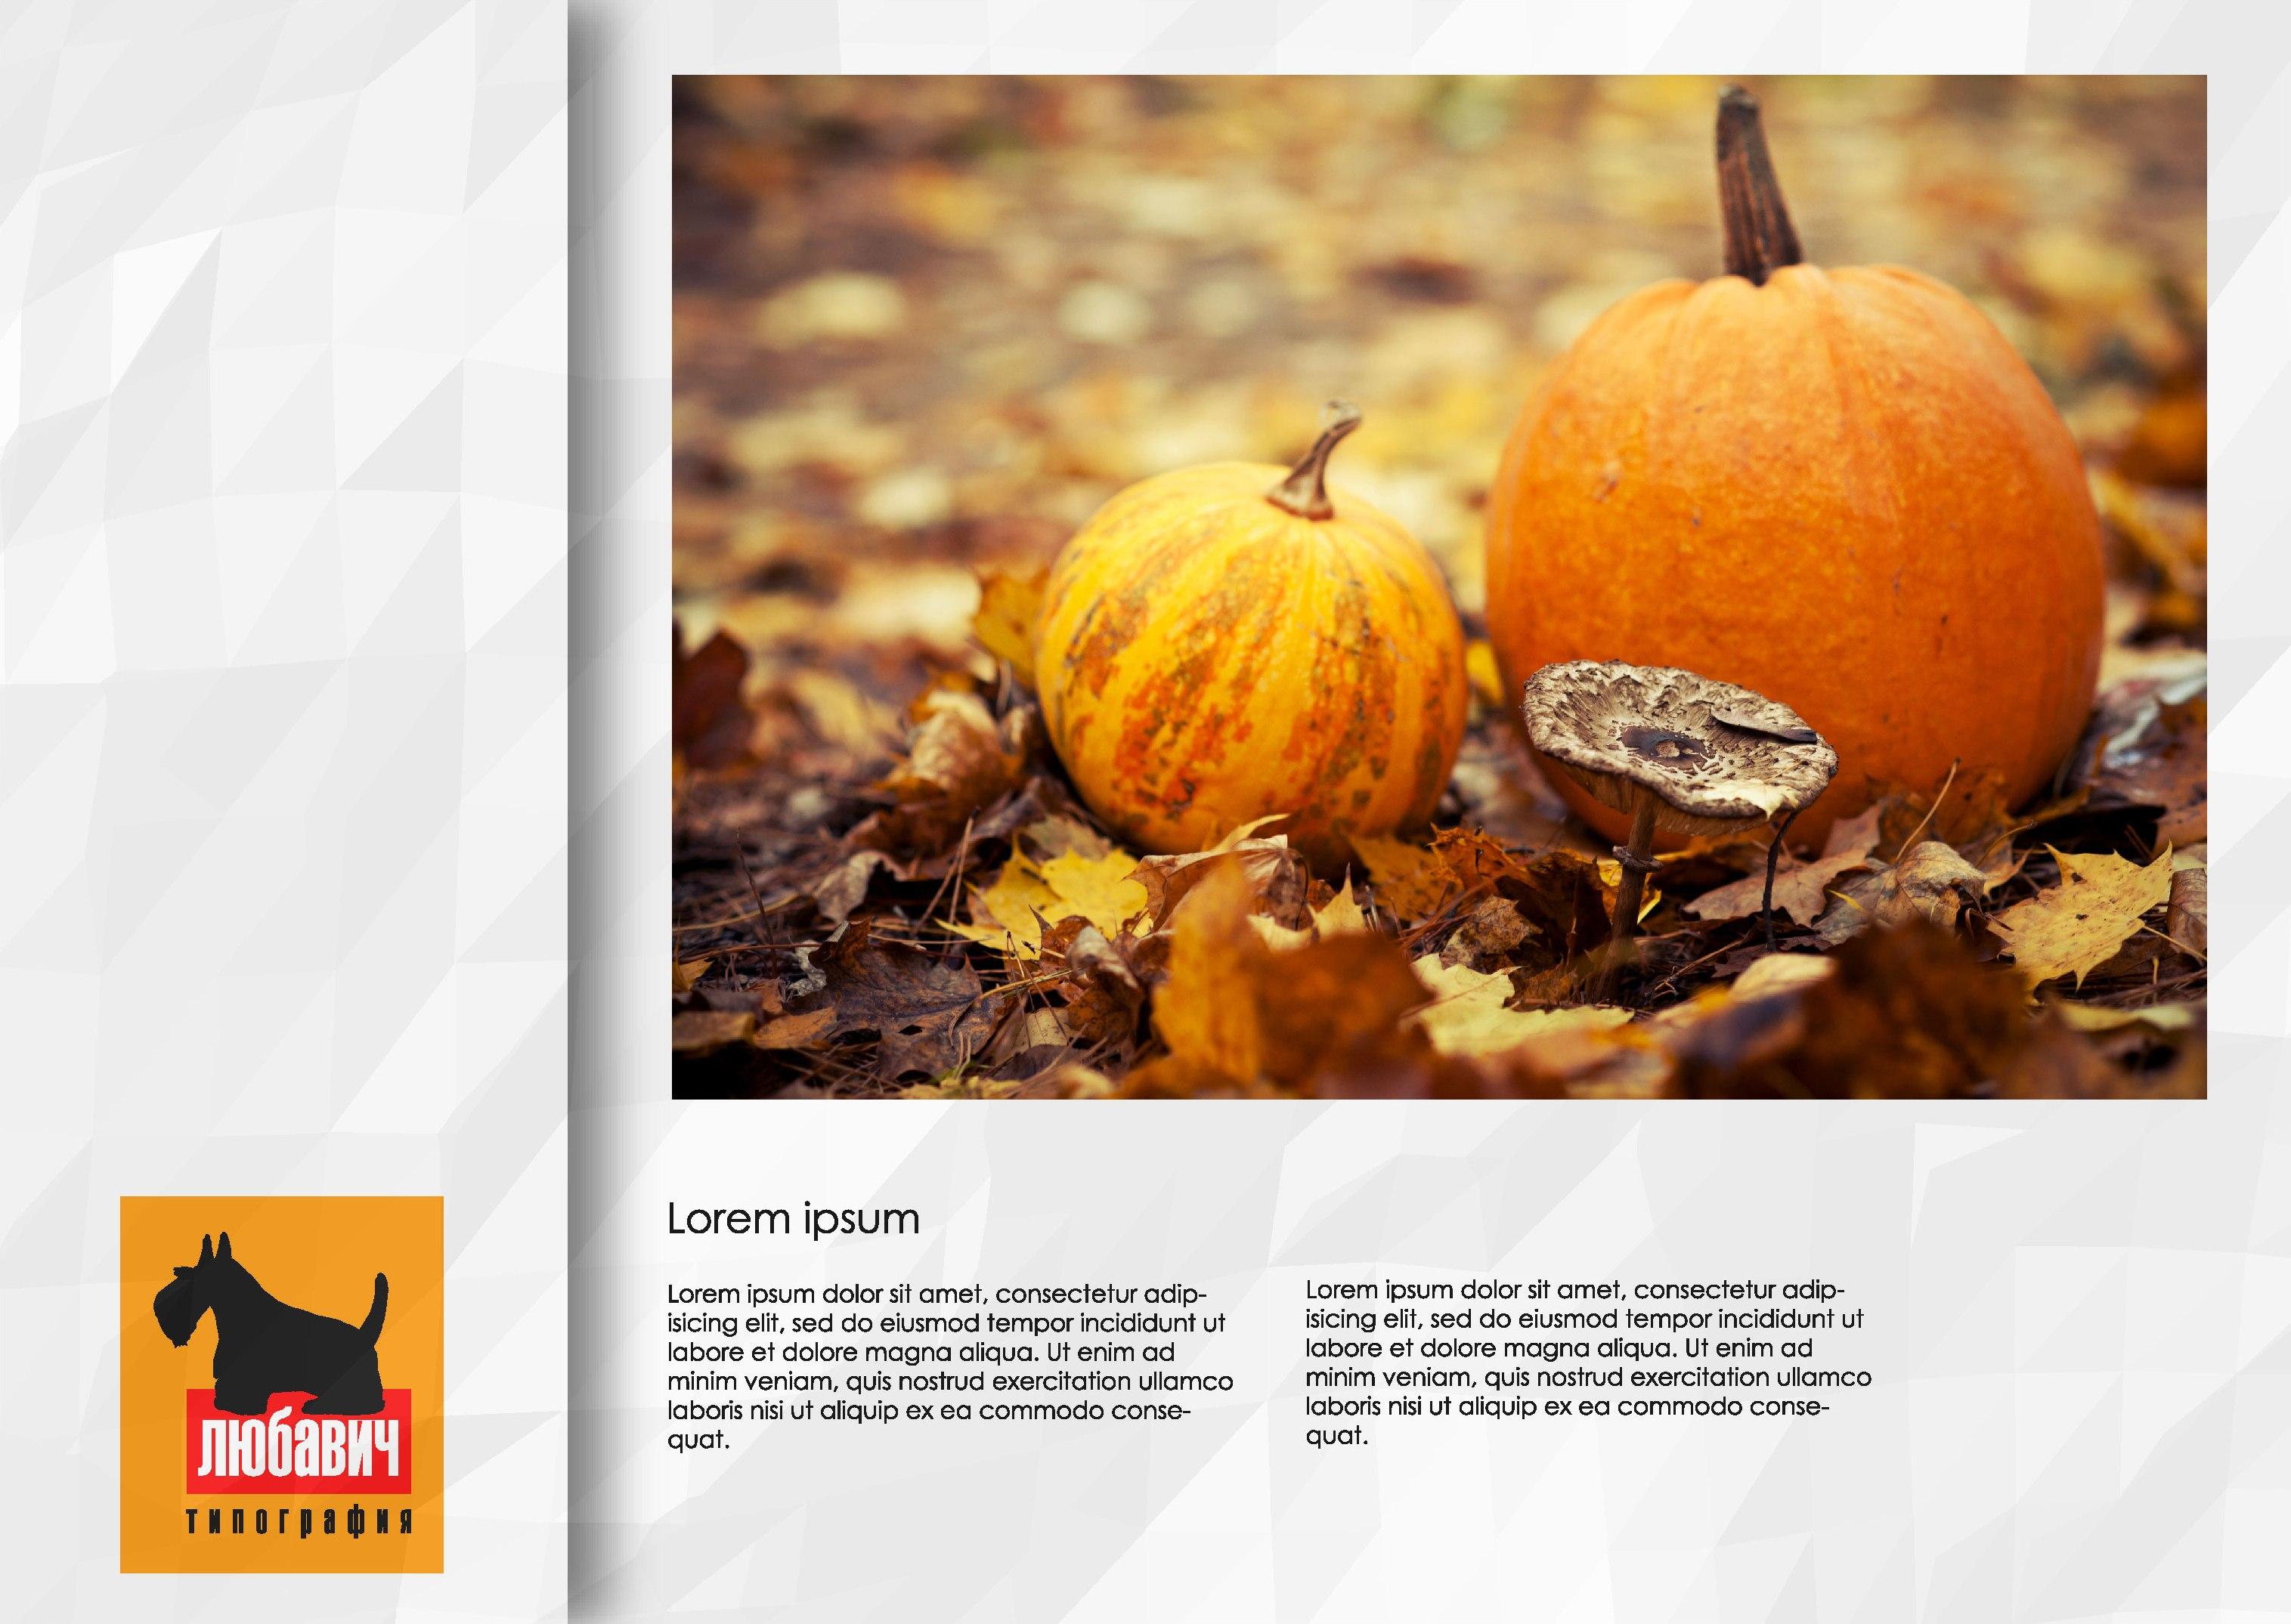 Дизайн рекламной брошюры возможностей типографии фото f_328564f0a9c80705.jpg